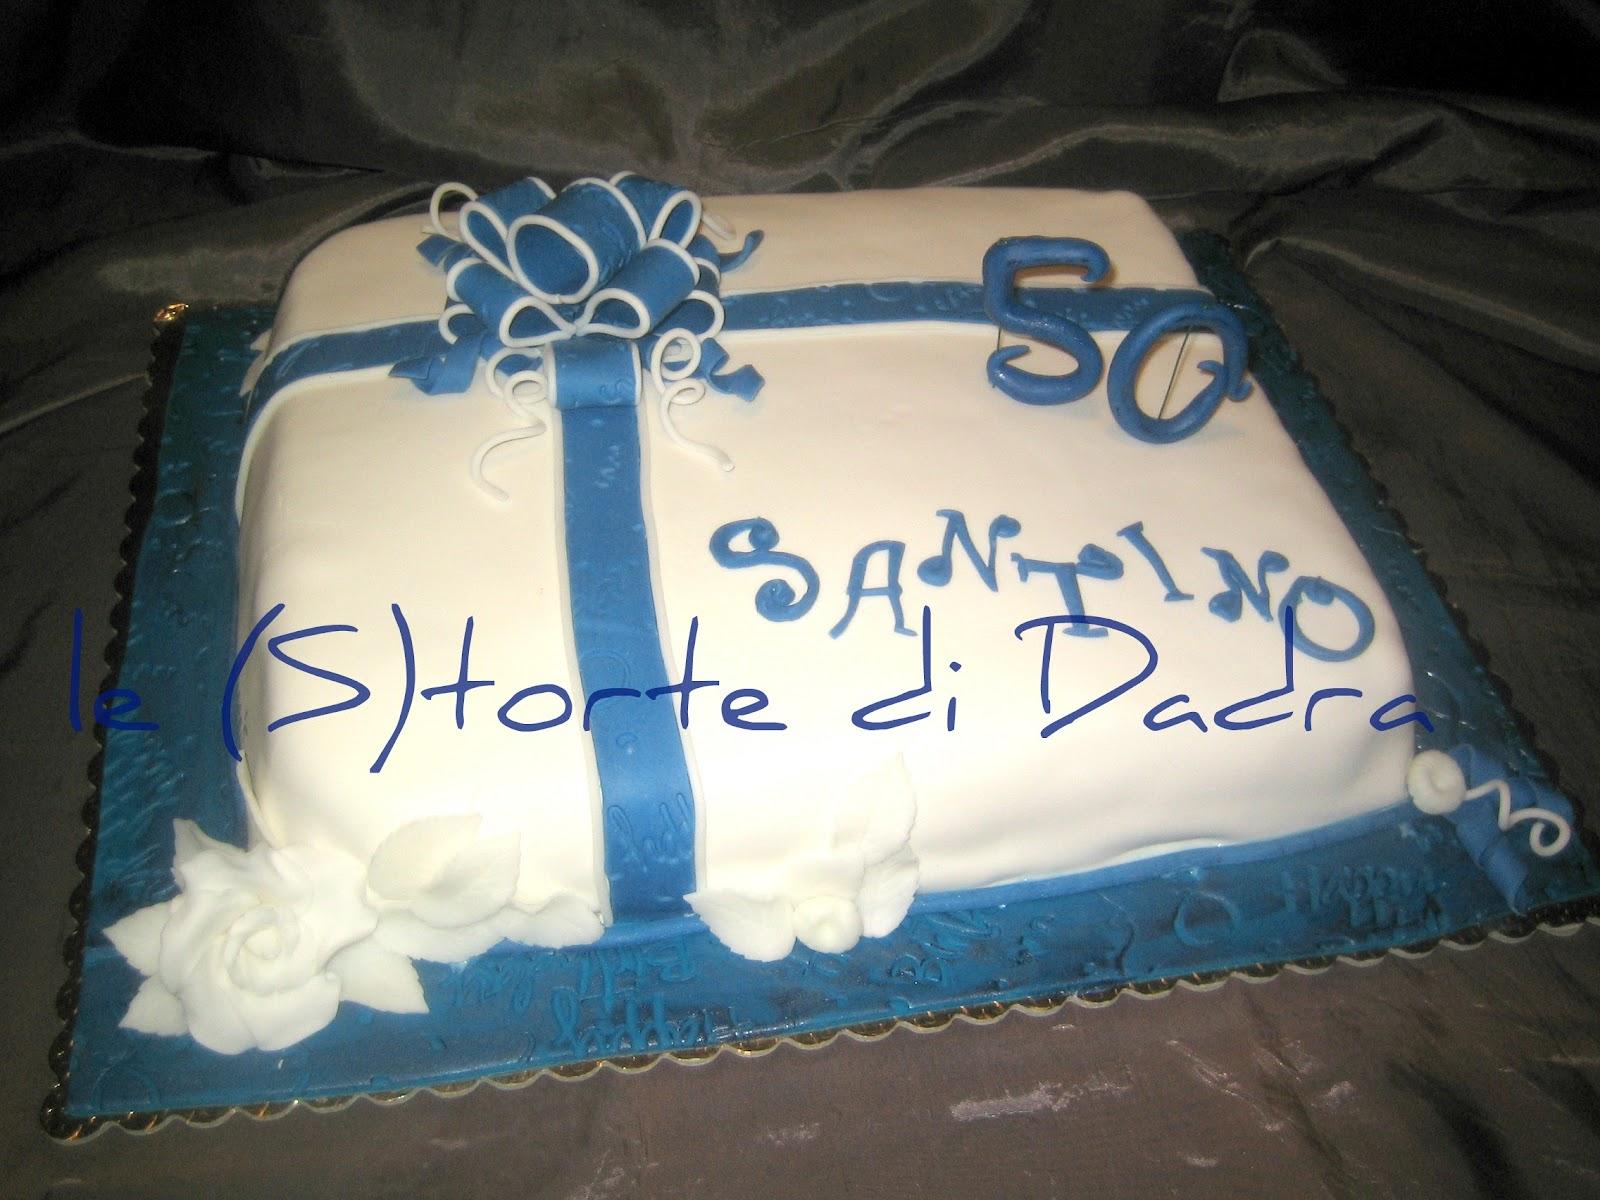 Torte compleanno 50 anni uomo fx66 regardsdefemmes for Torte di compleanno particolari per uomo